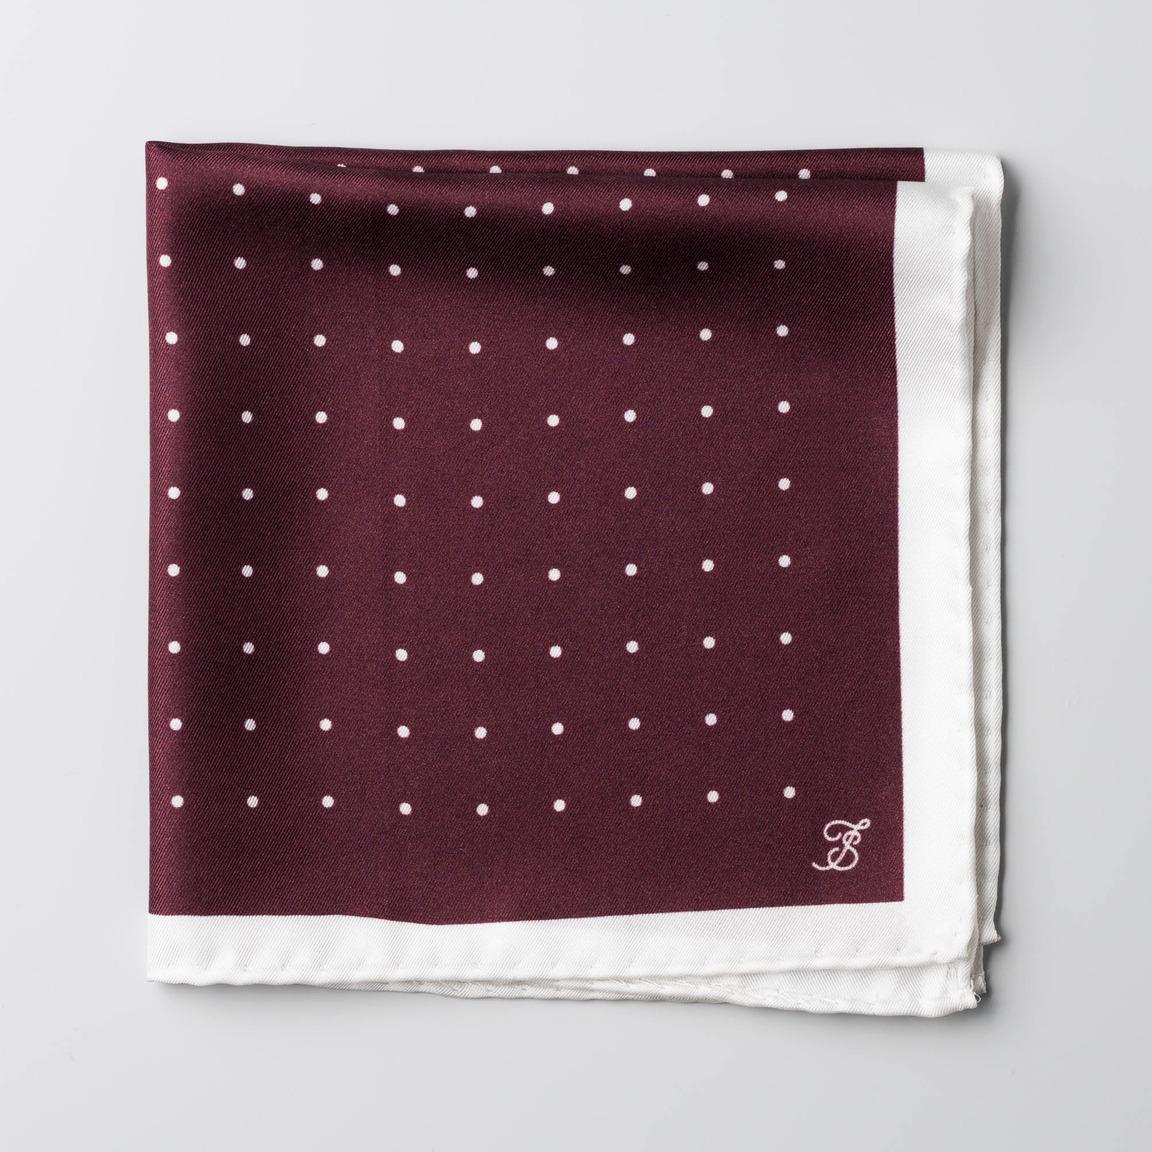 Maroon and white silk handkerchief